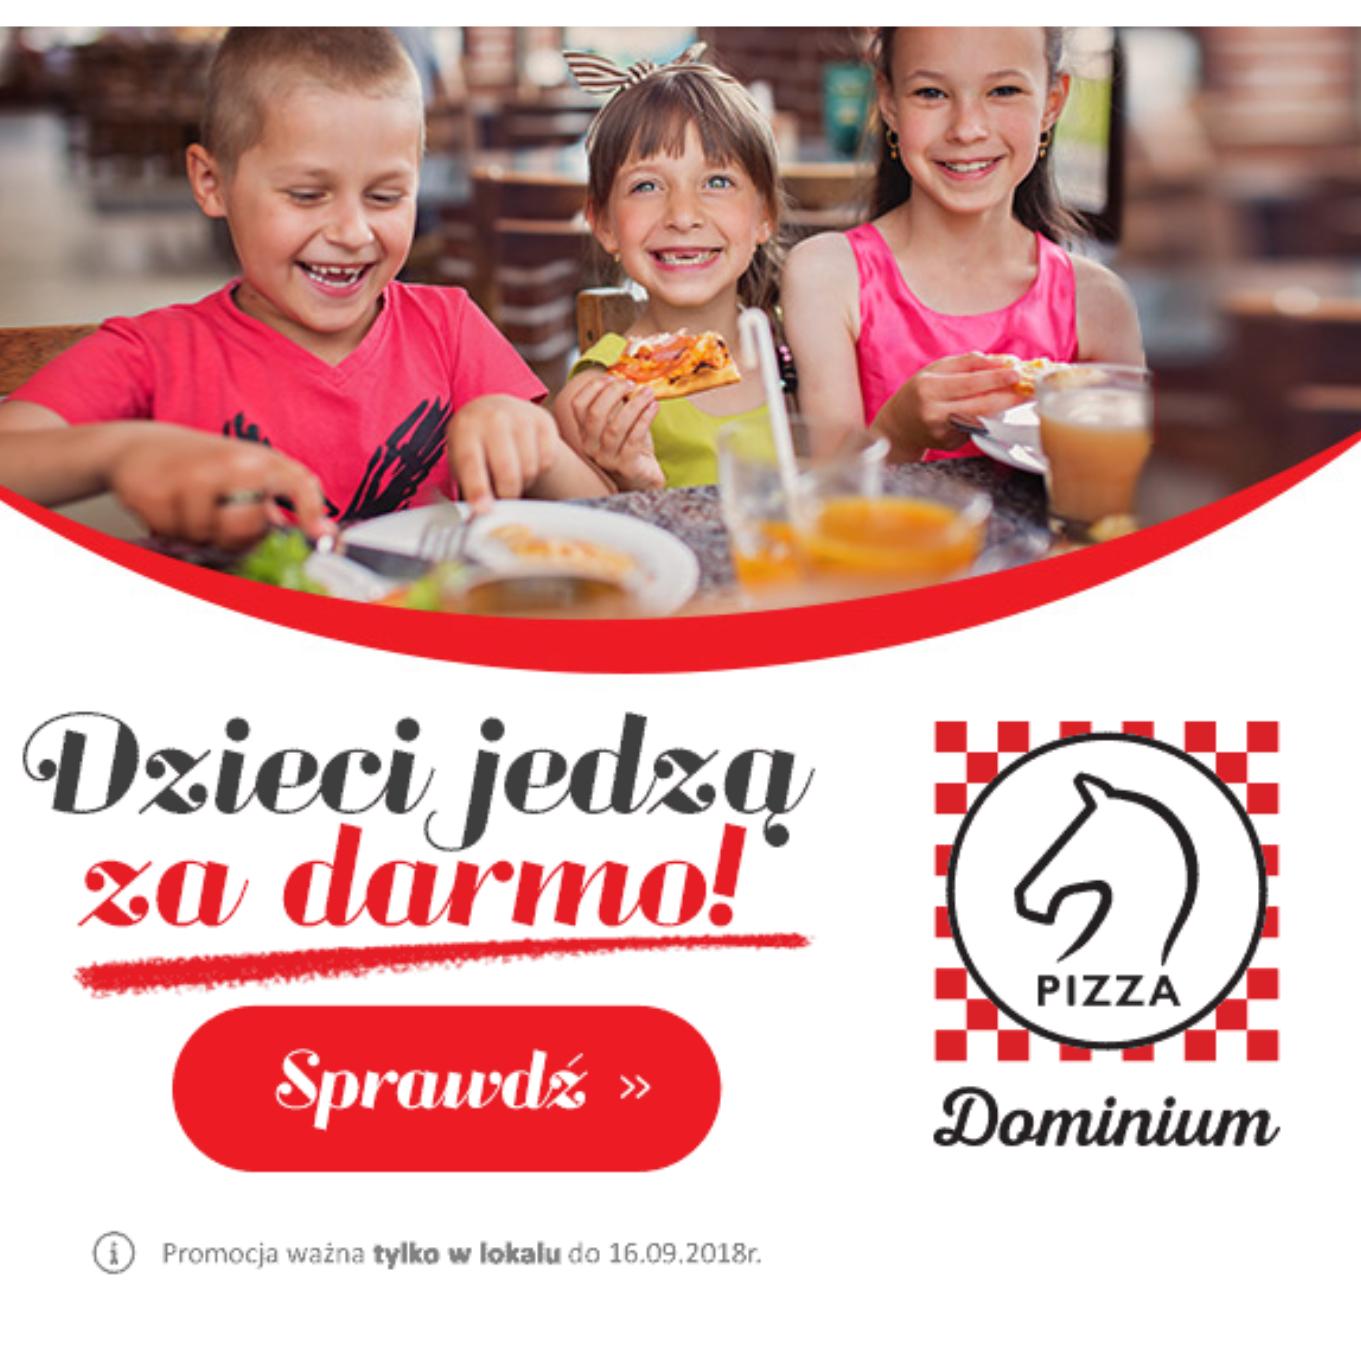 Pizza dominium Dzieci jedzą za darmo